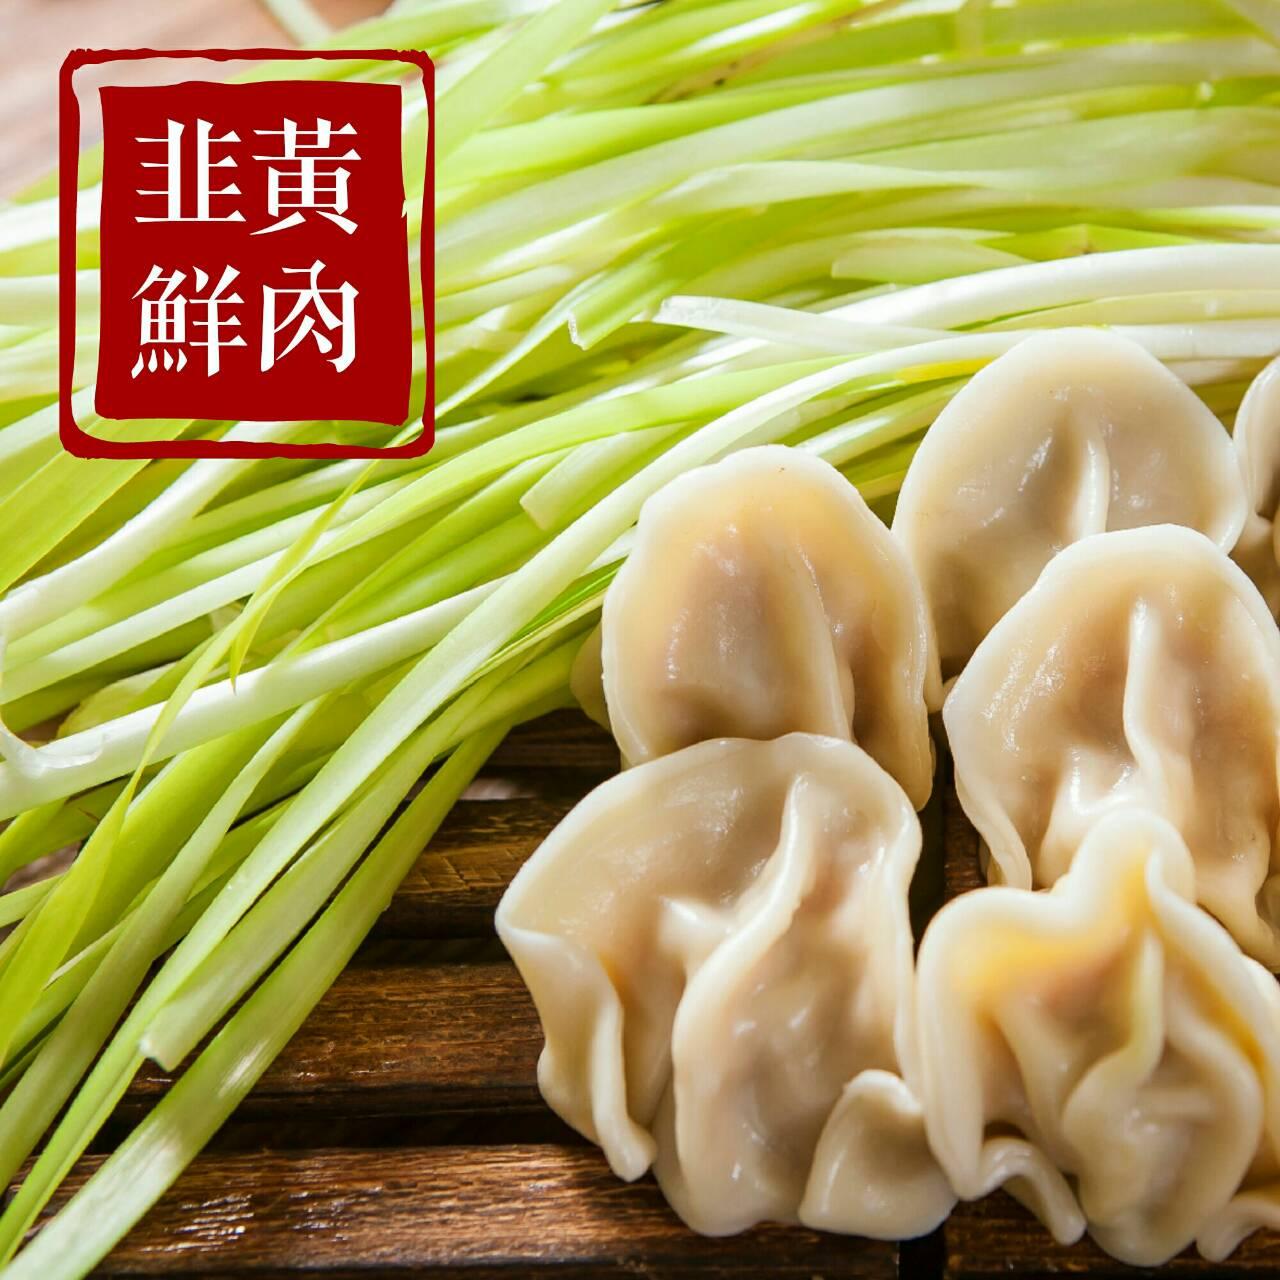 ★Ha婆手工餃子★韭黃鮮肉餃(20顆/包)◆鮮嫩多汁,韭黃鮮美香味四溢!